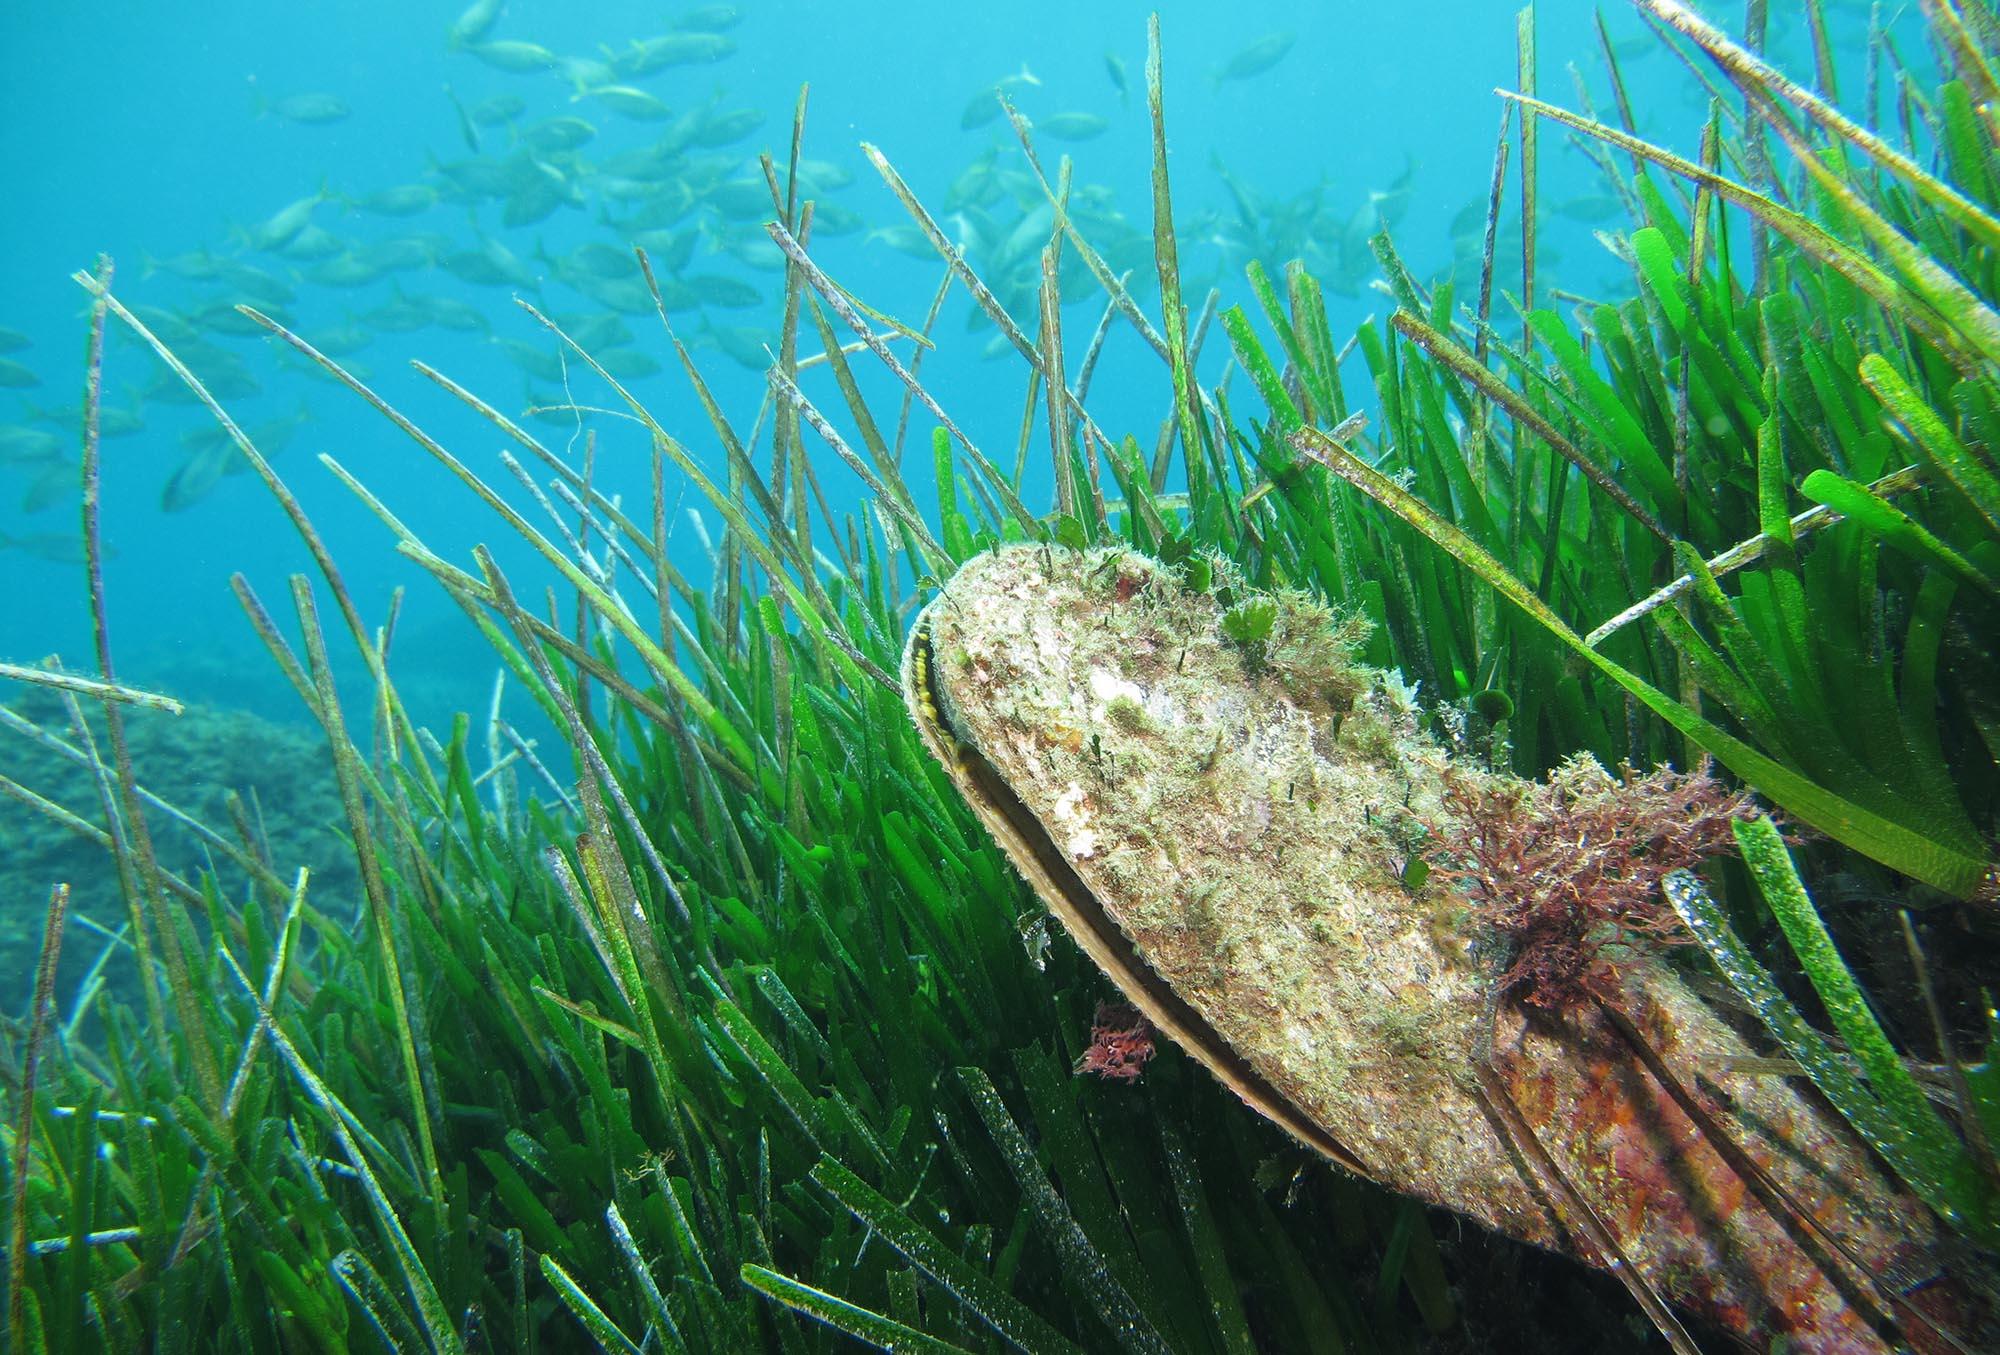 Image credit - Fan mussel (Pinna nobilis) by Arnaud Abadie is licensed under CC BY 2.0